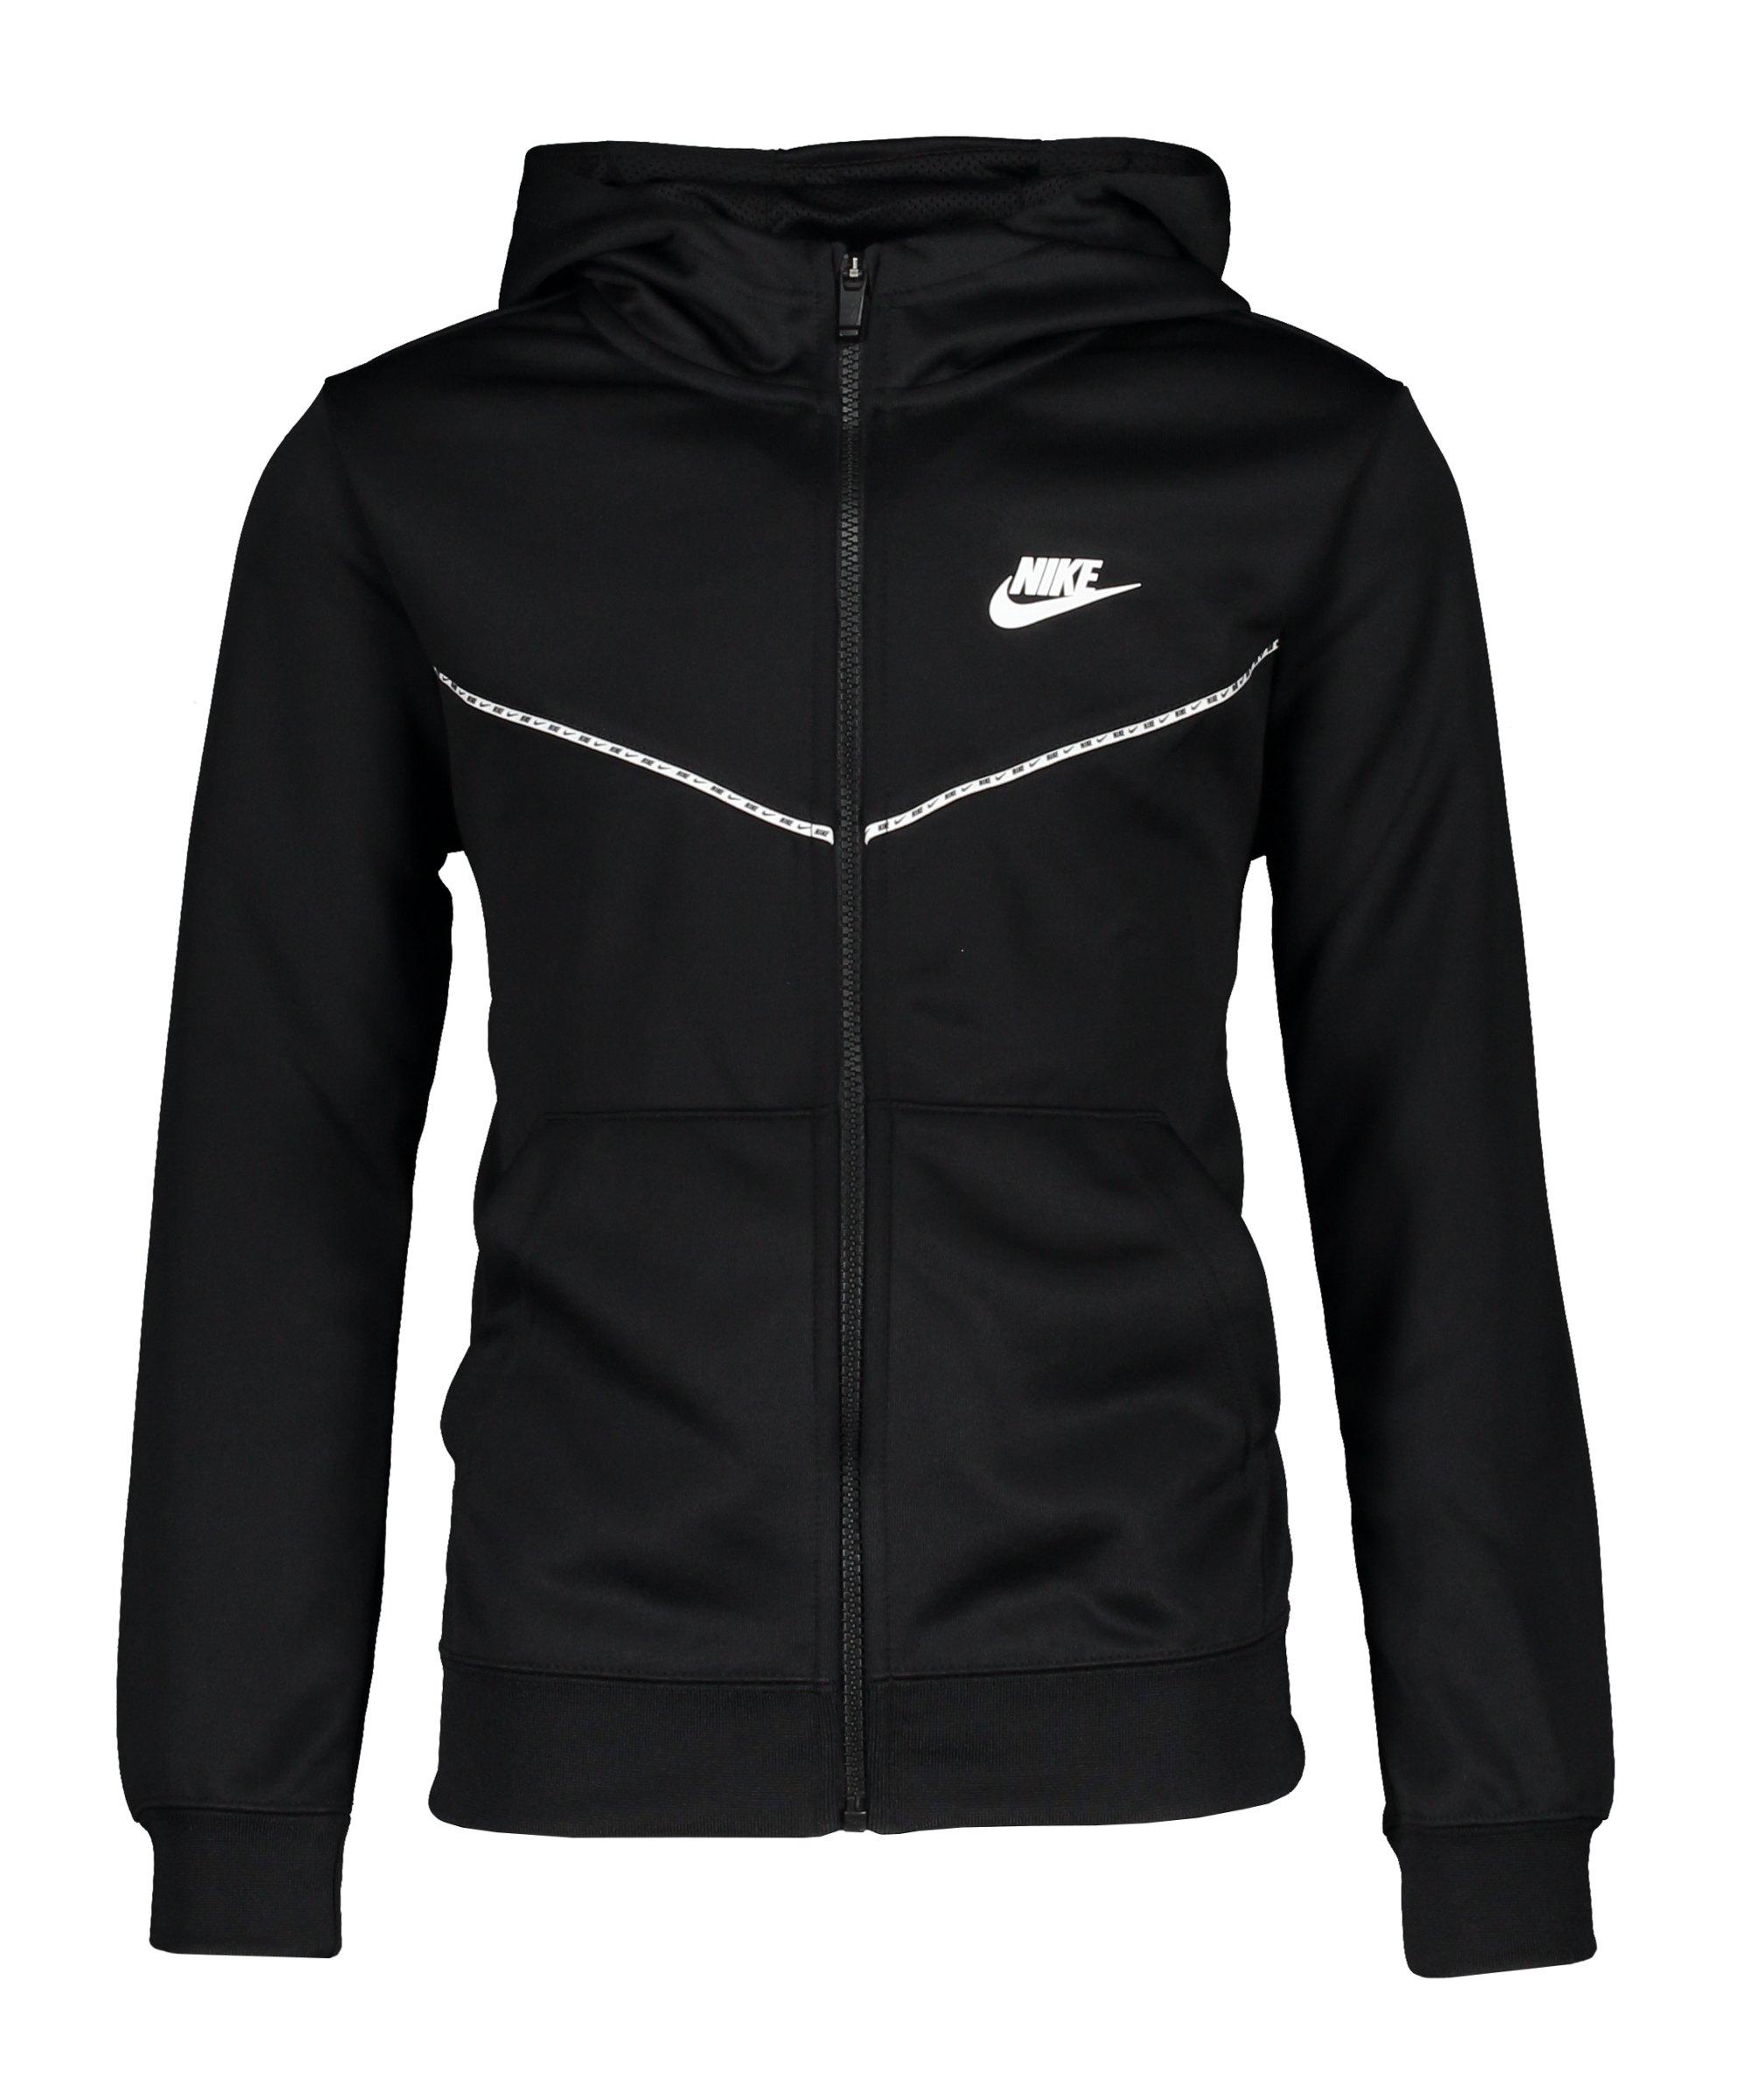 Nike Repeat Jacke Kids Schwarz F010 - schwarz